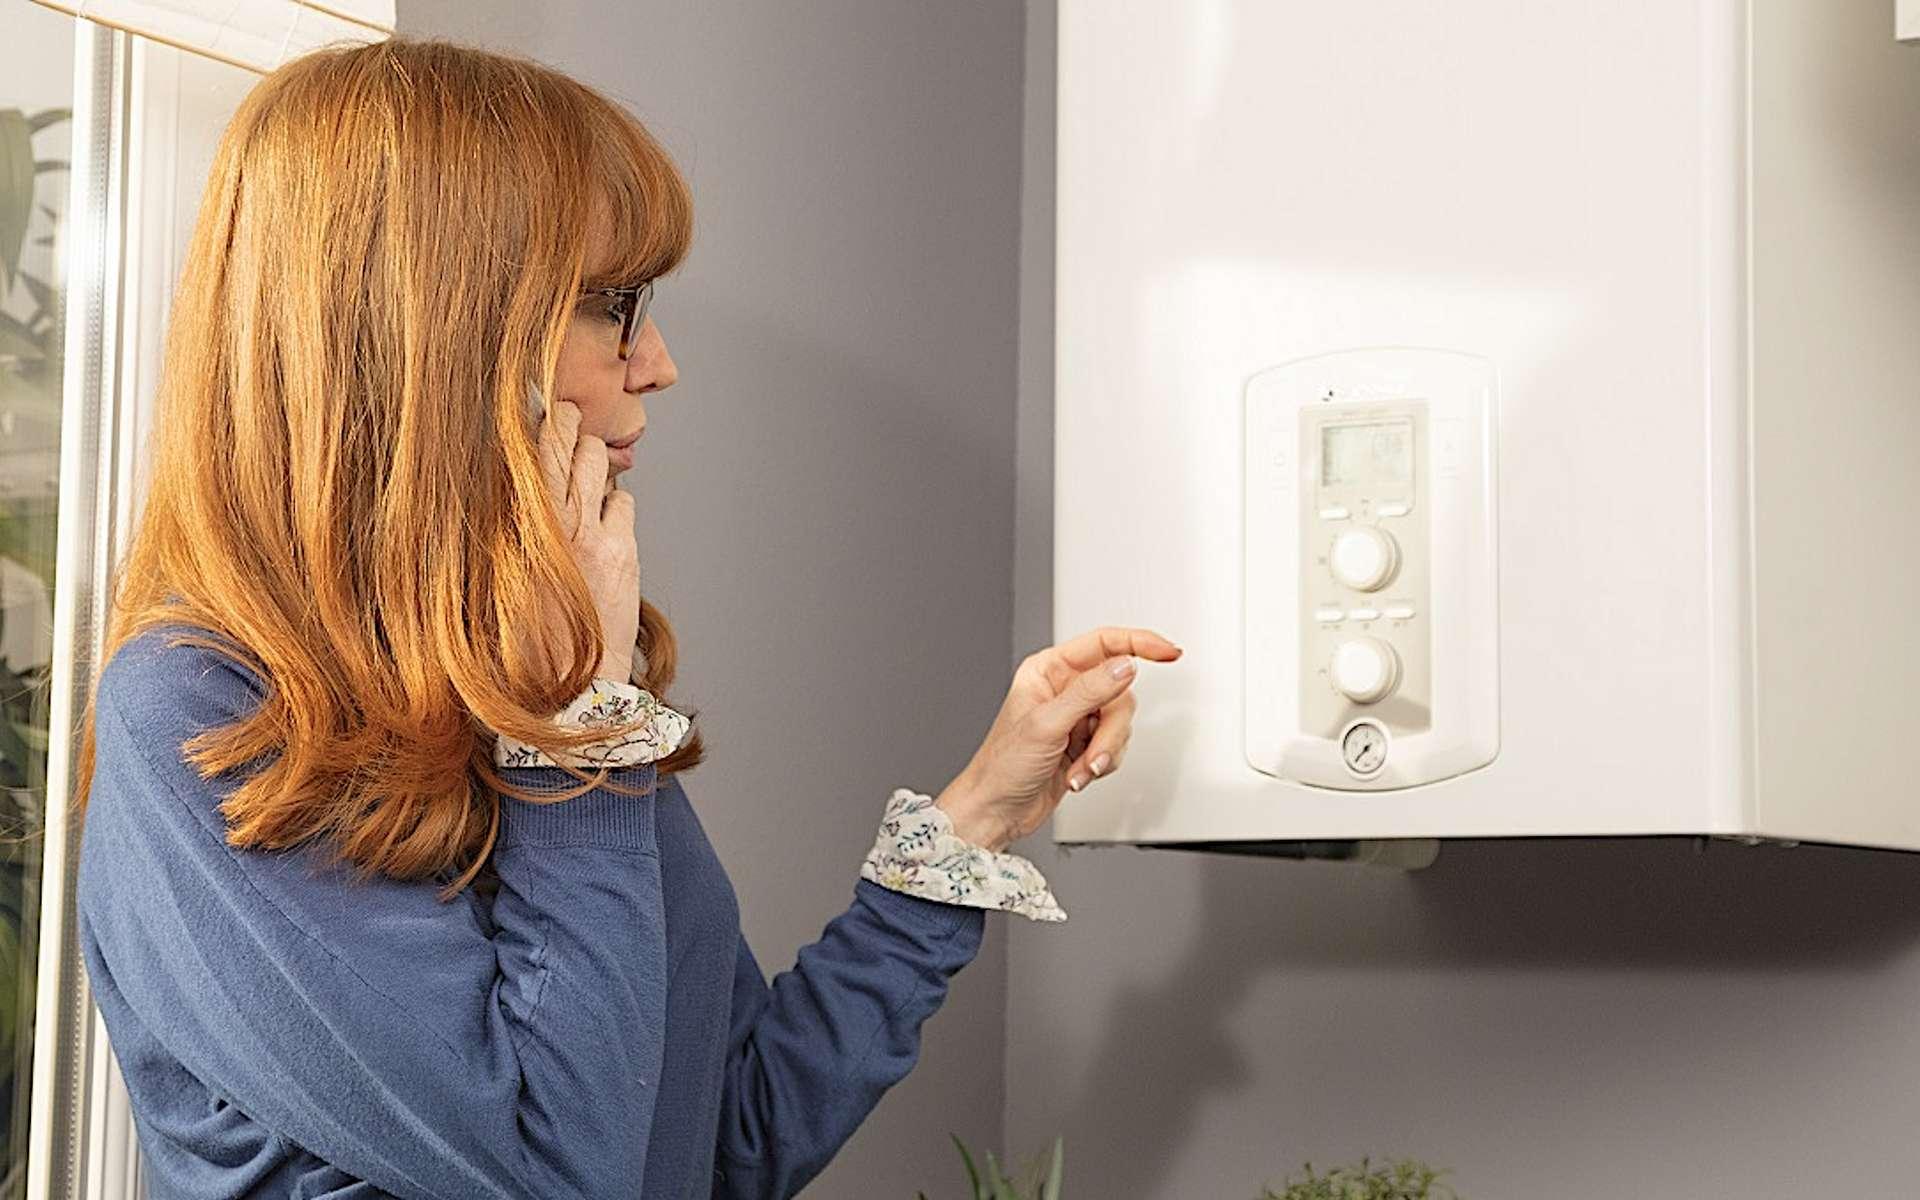 Savoir repérer les signes avant-coureurs d'une chaudière à gaz bientôt en panne. © Engie Home Services